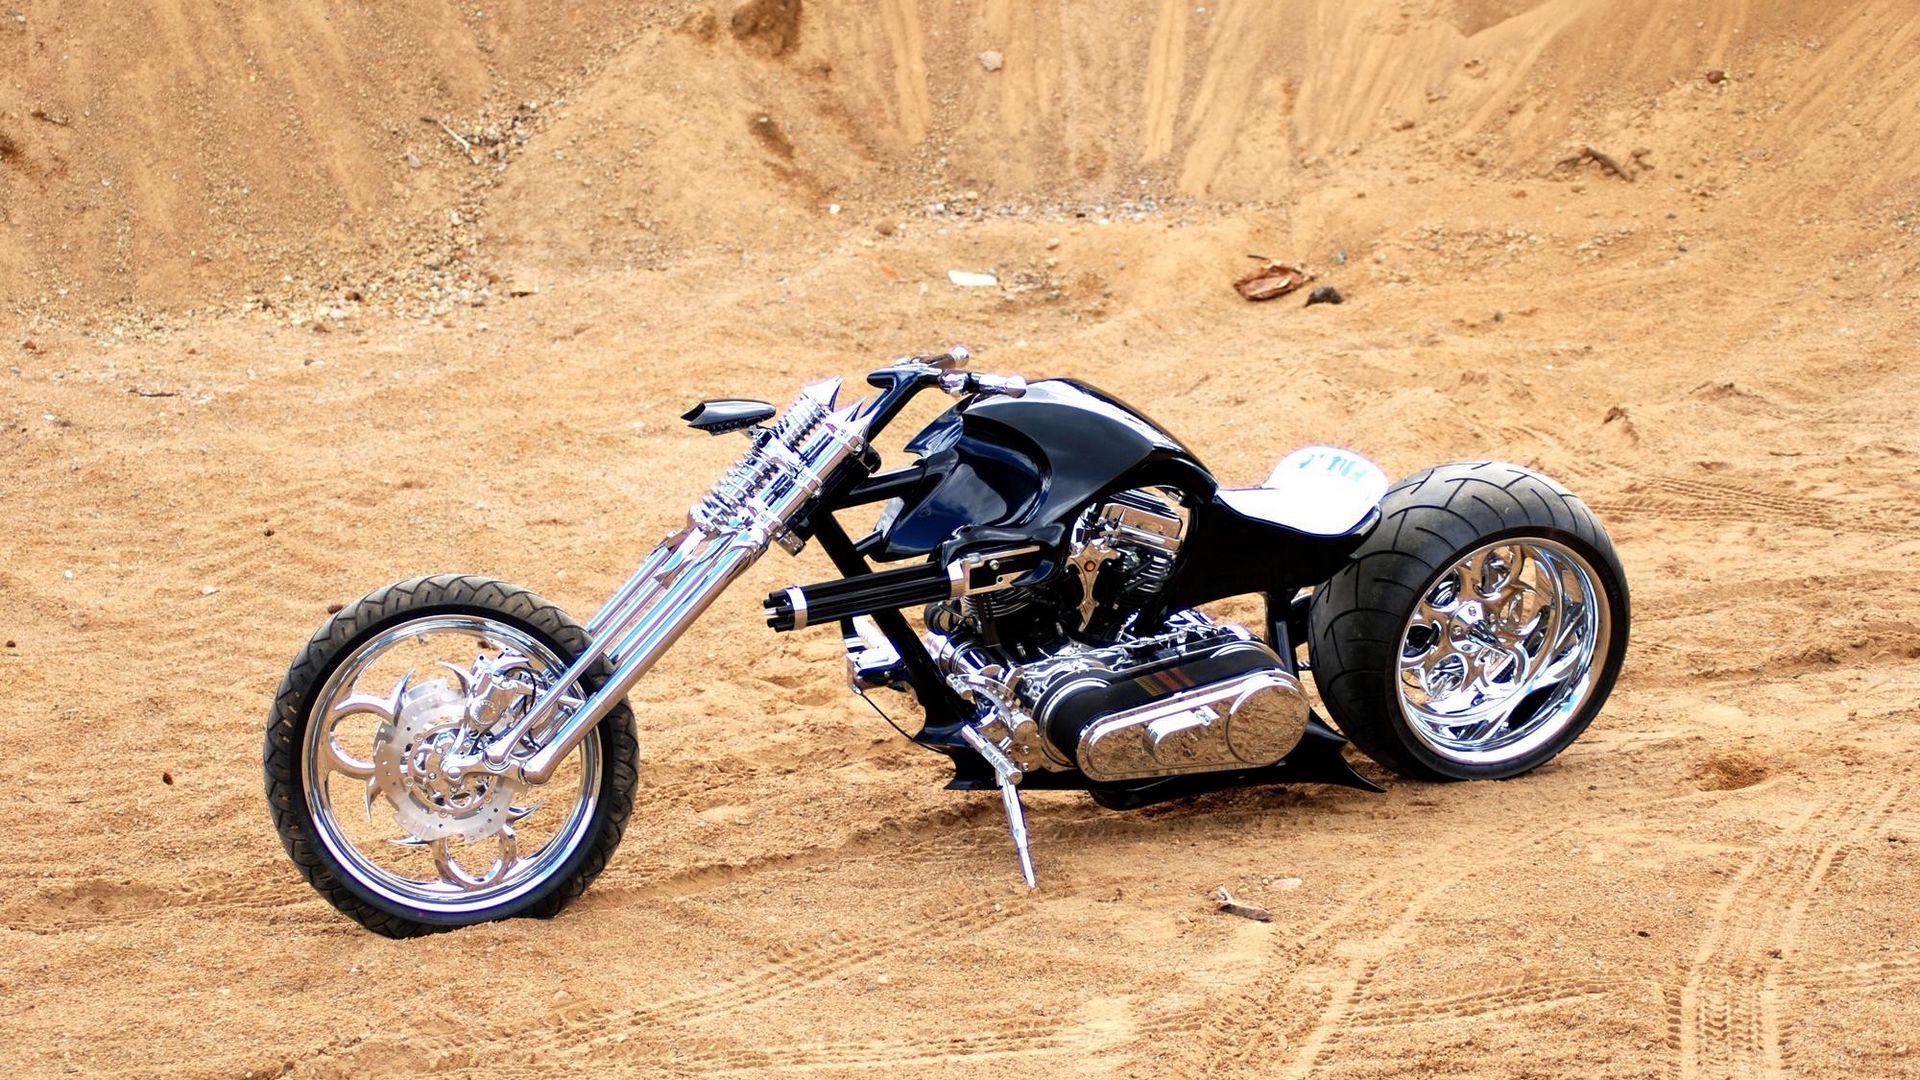 Wheels, Bike, Wheel, Black, Chopper HD Wallpapers Free Download